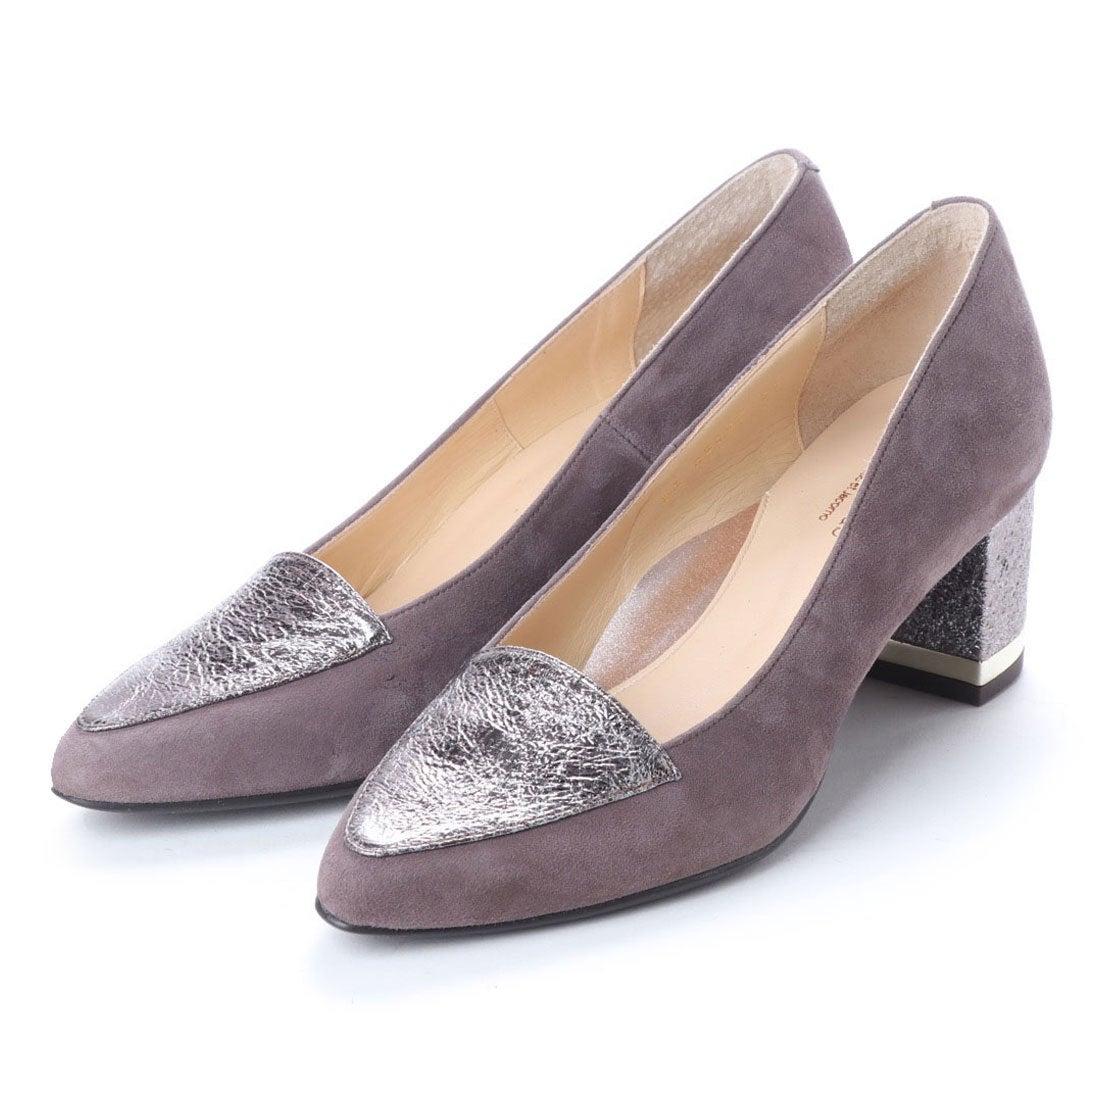 ロコンド 靴とファッションの通販サイトスタイルラボ STYLE lab 【高機能】チャンキーヒールポインテッドトゥパンプス (グレーコンビ)